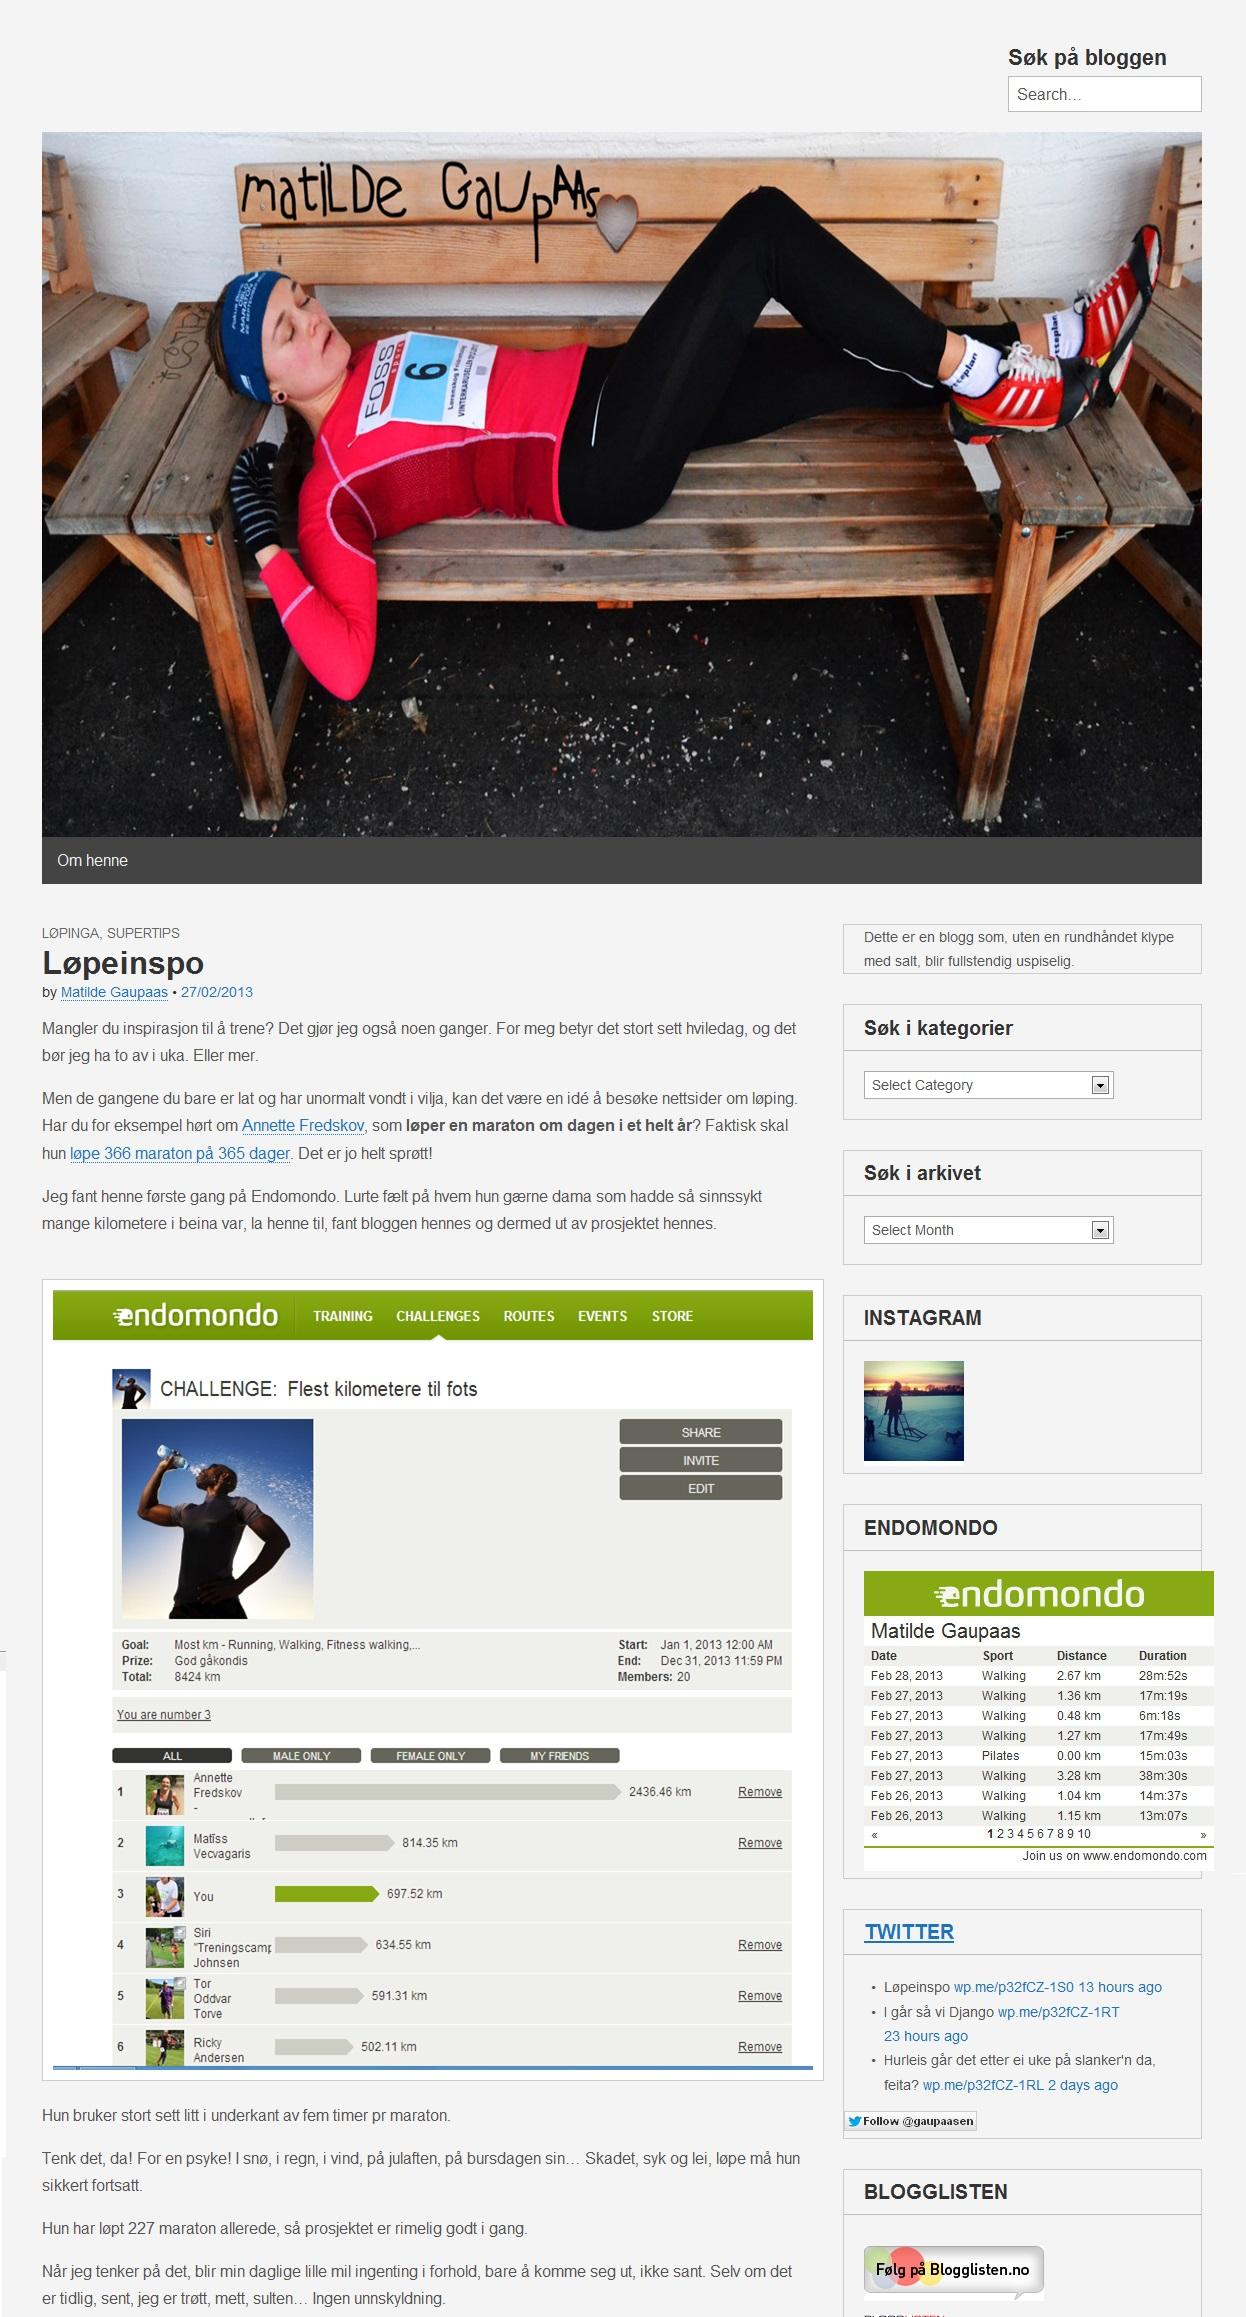 gaupaas.com 2013.02.27 norsk